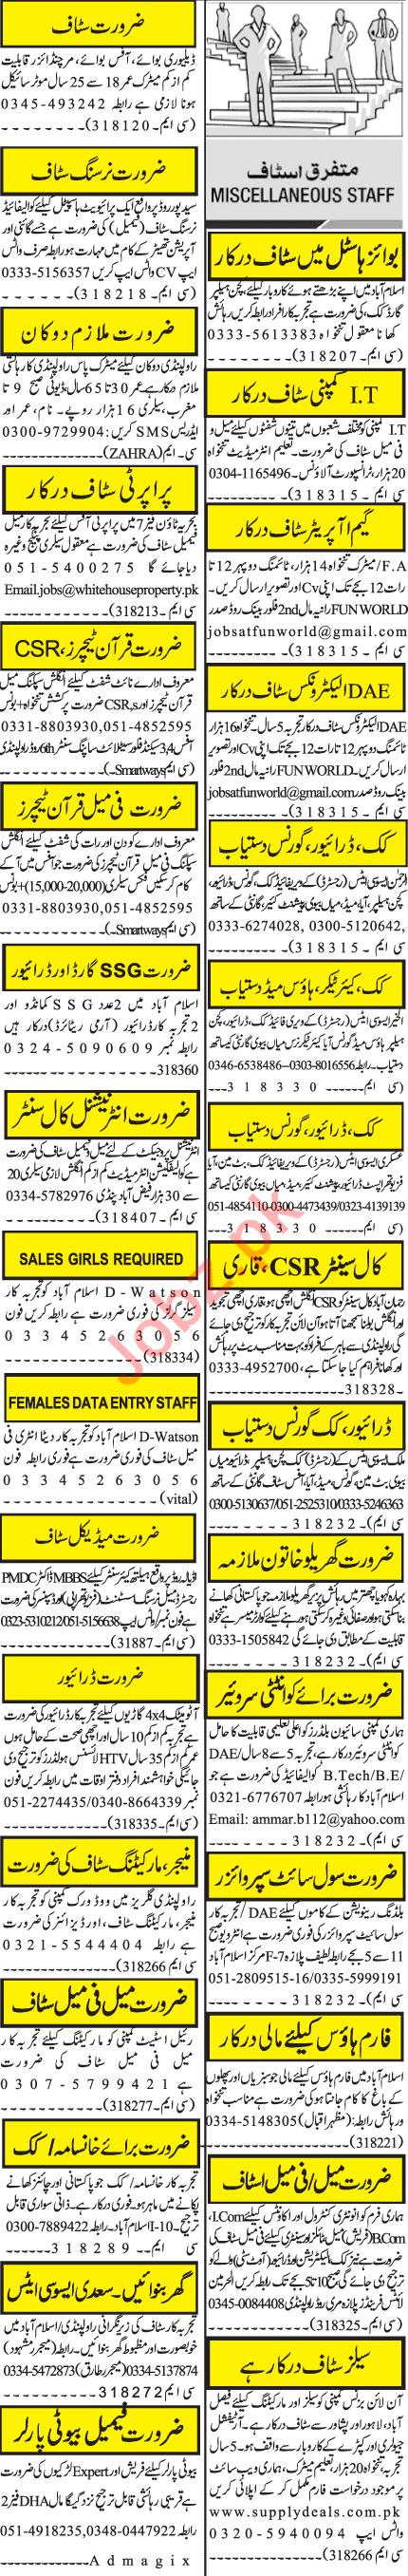 Jang Sunday Rawalpindi Classified Ads 20 Sept 2020